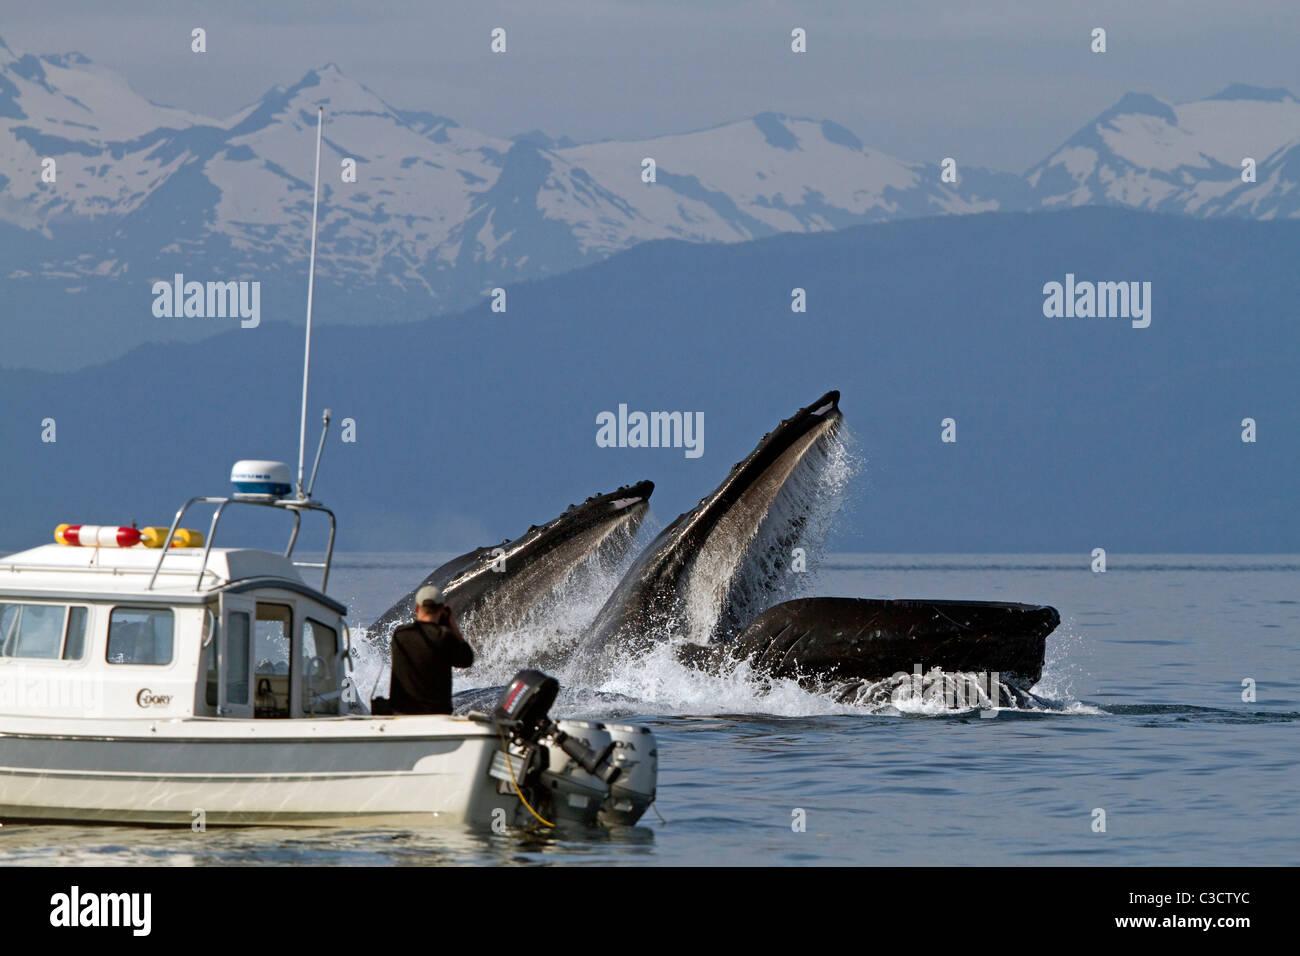 Humpback Whale (Megaptera novaeangliae). La balena watcher per scattare foto delle balene bolla alimentazione rete. Immagini Stock